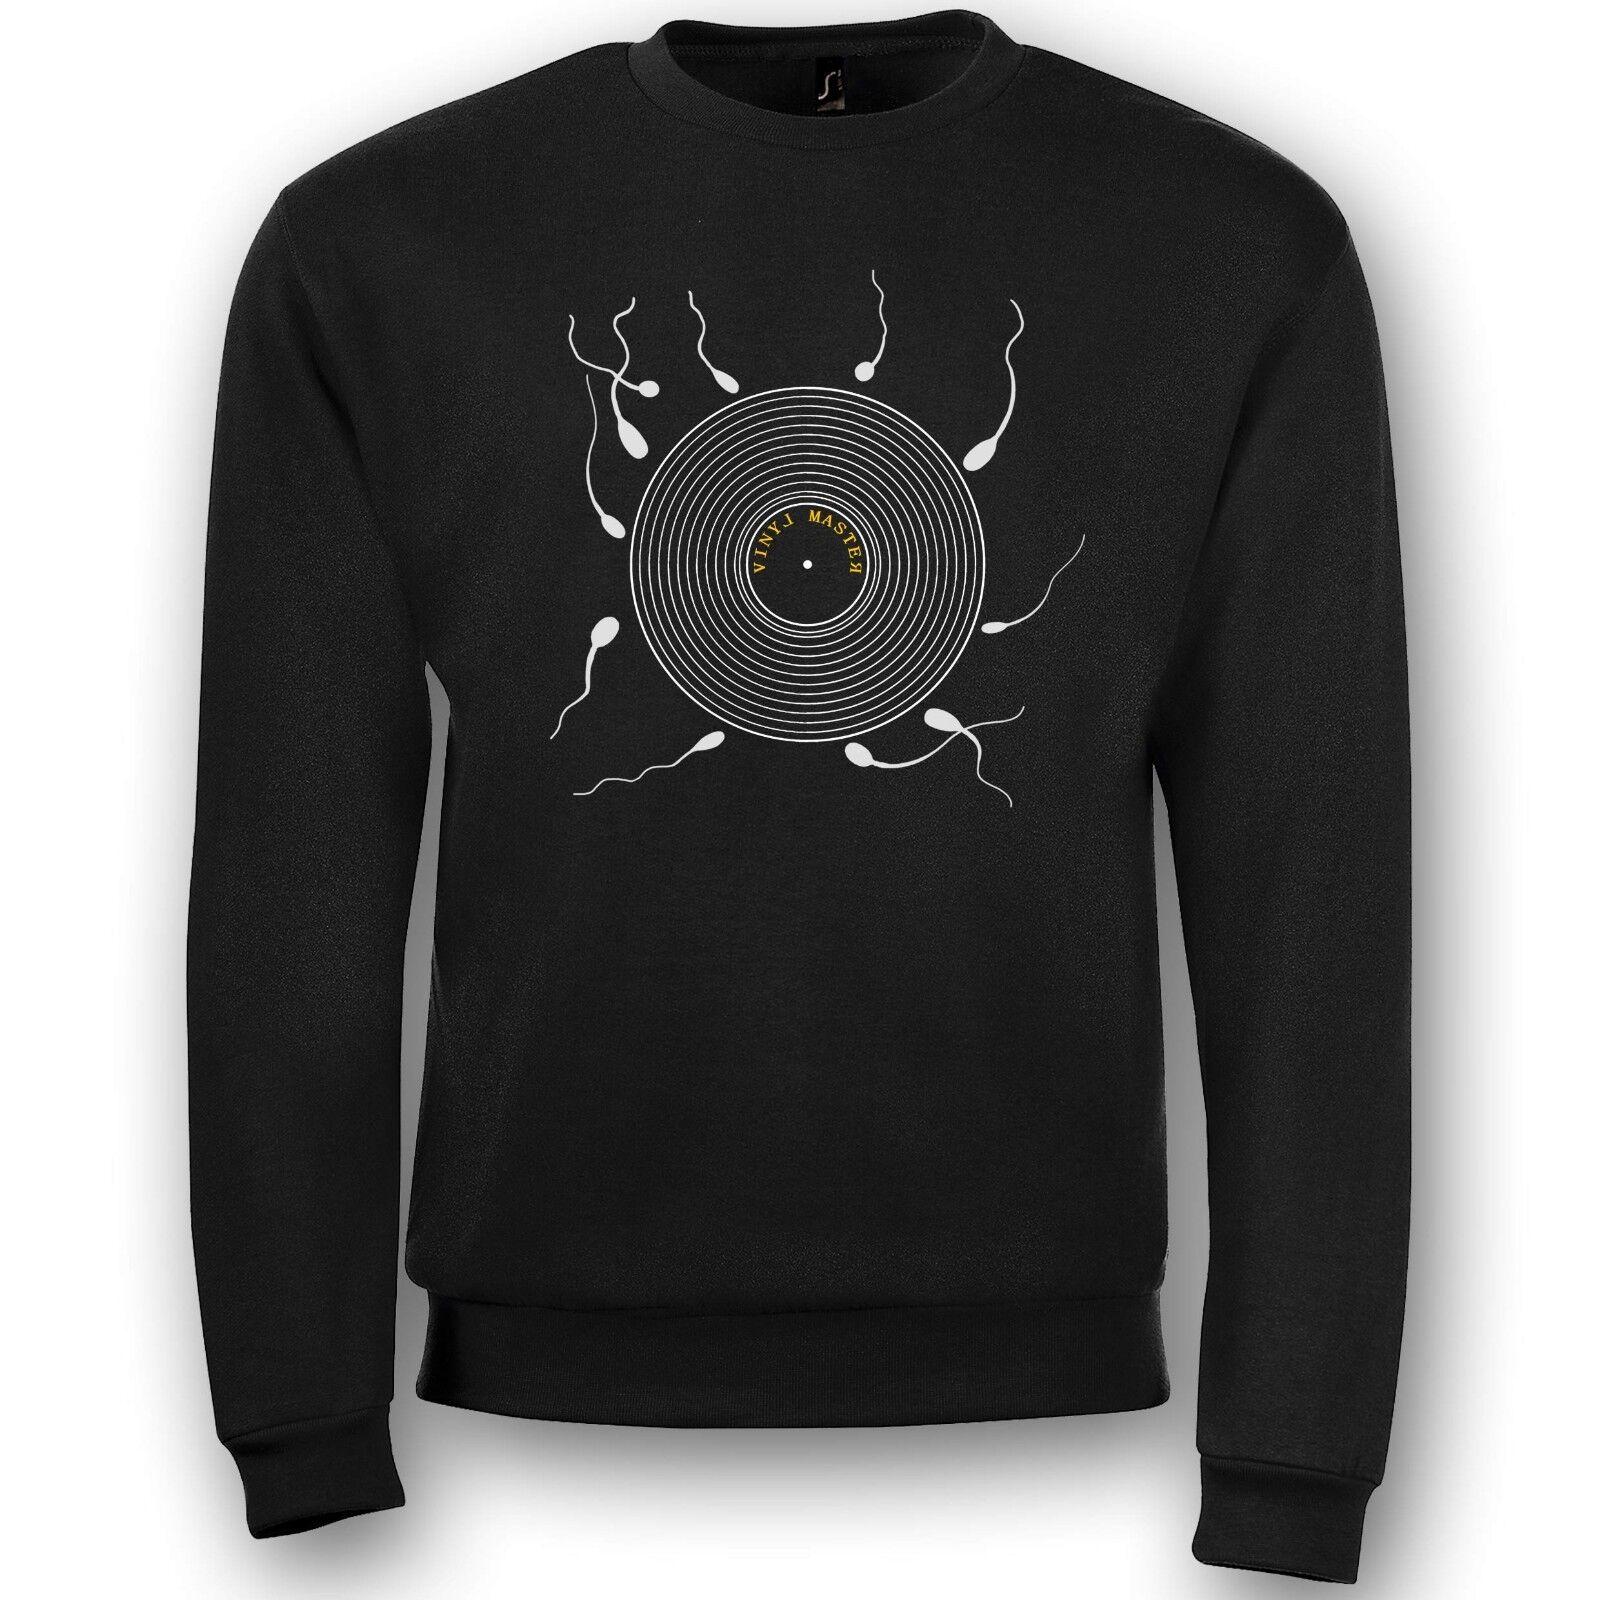 Schallplatte Schallplatte Schallplatte T-shirt retro vinyl fans funny dj music + Sweatshirt Kapuzen | Nicht so teuer  | Verschiedene Stile  | Modern  ab2264